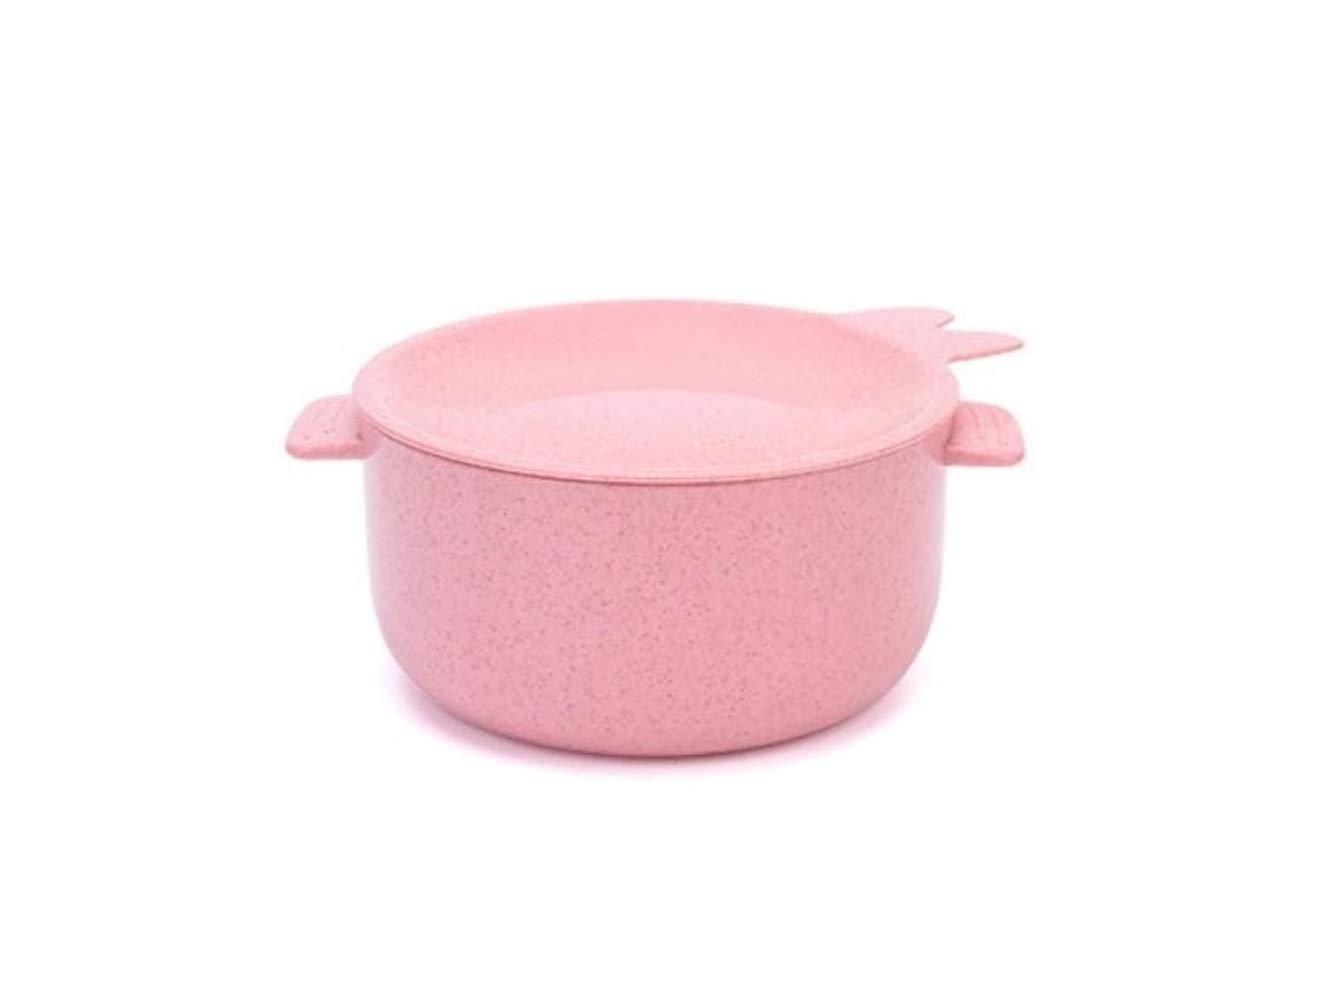 FERFERFERWON Baby Tischset Weizenfaser-Kinderschüssel-Kindergeschirr mit Griffen für Suppe oder Reis (Rosa) Kleinkind Kinder